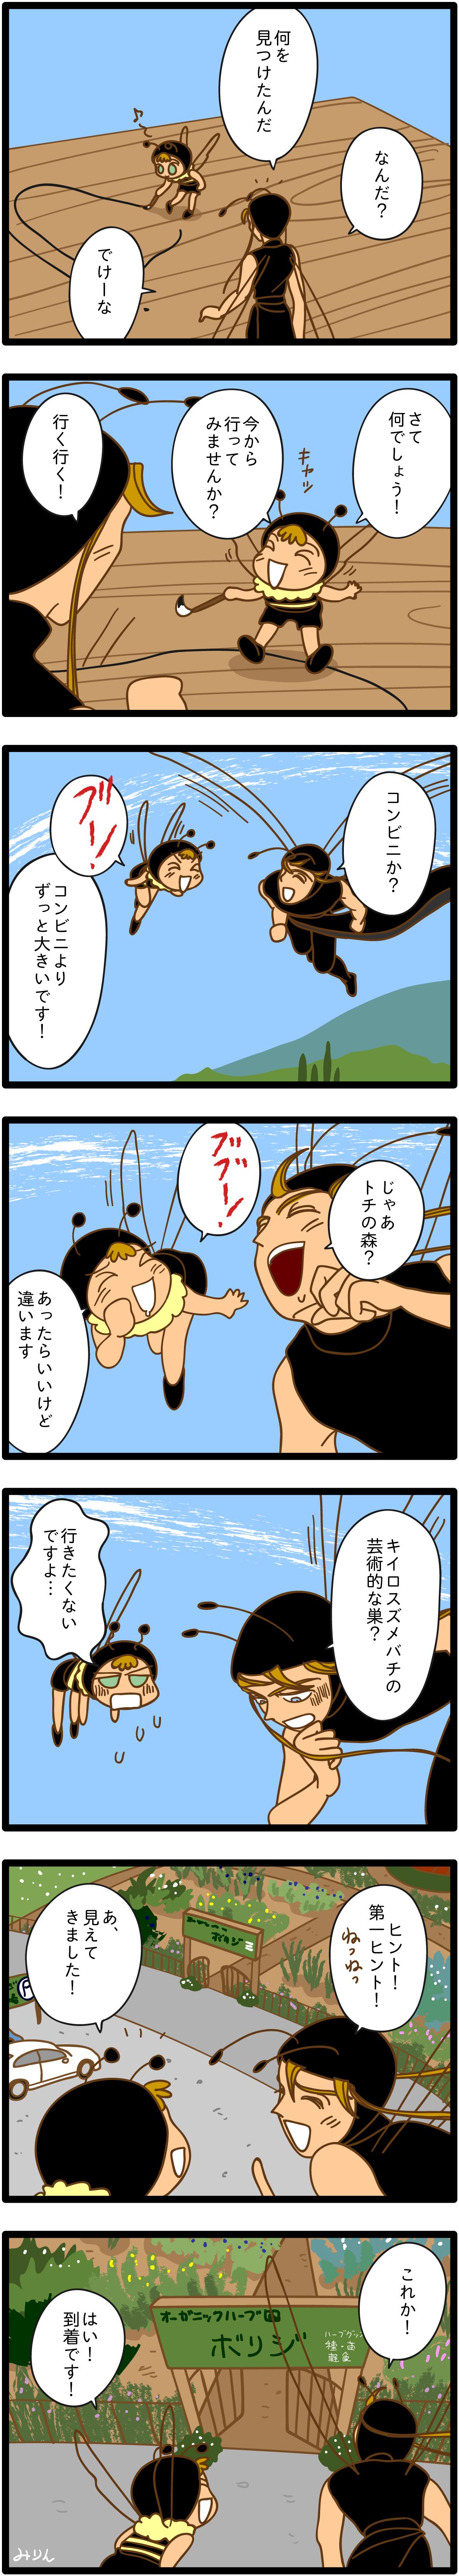 103. ハーブ天国(1)